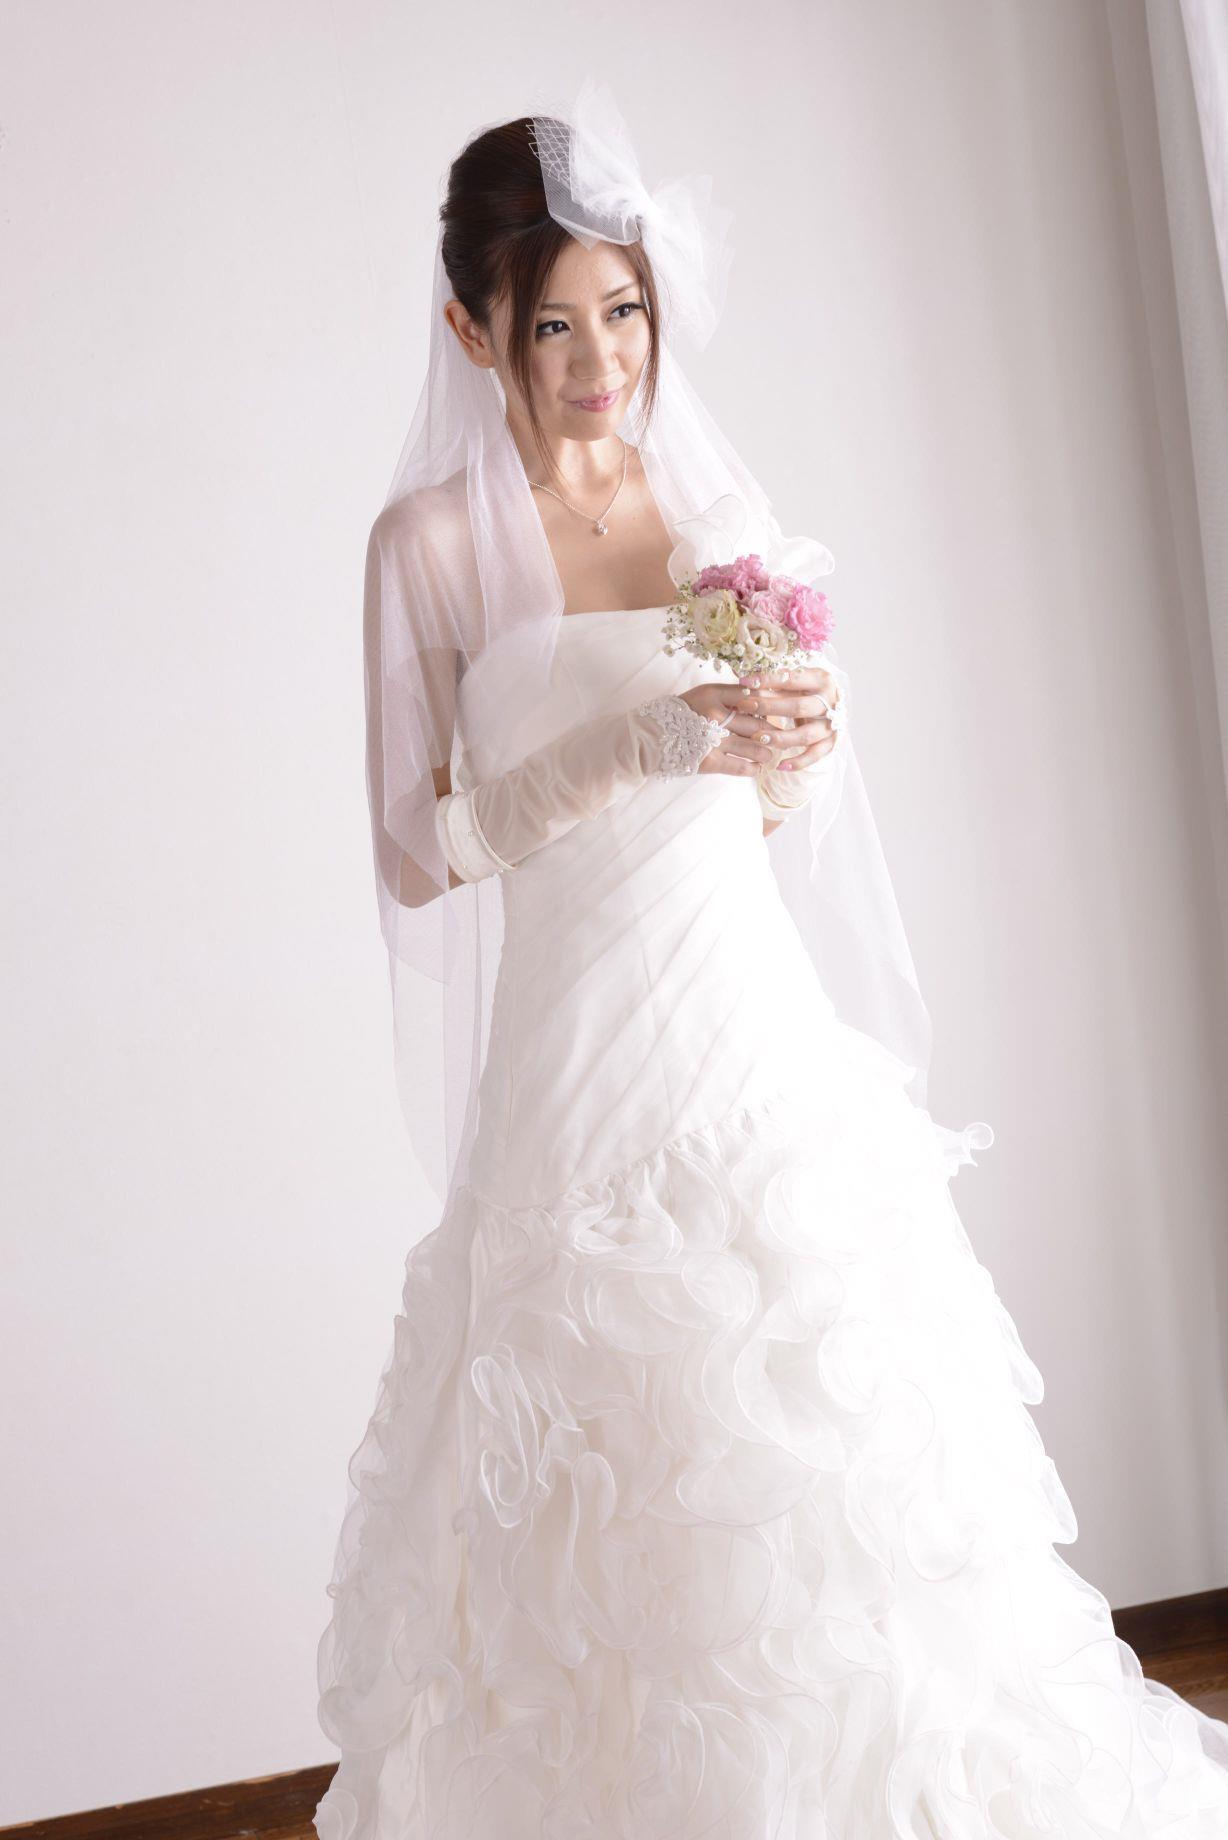 前田かおり ウェディングドレス画像 11